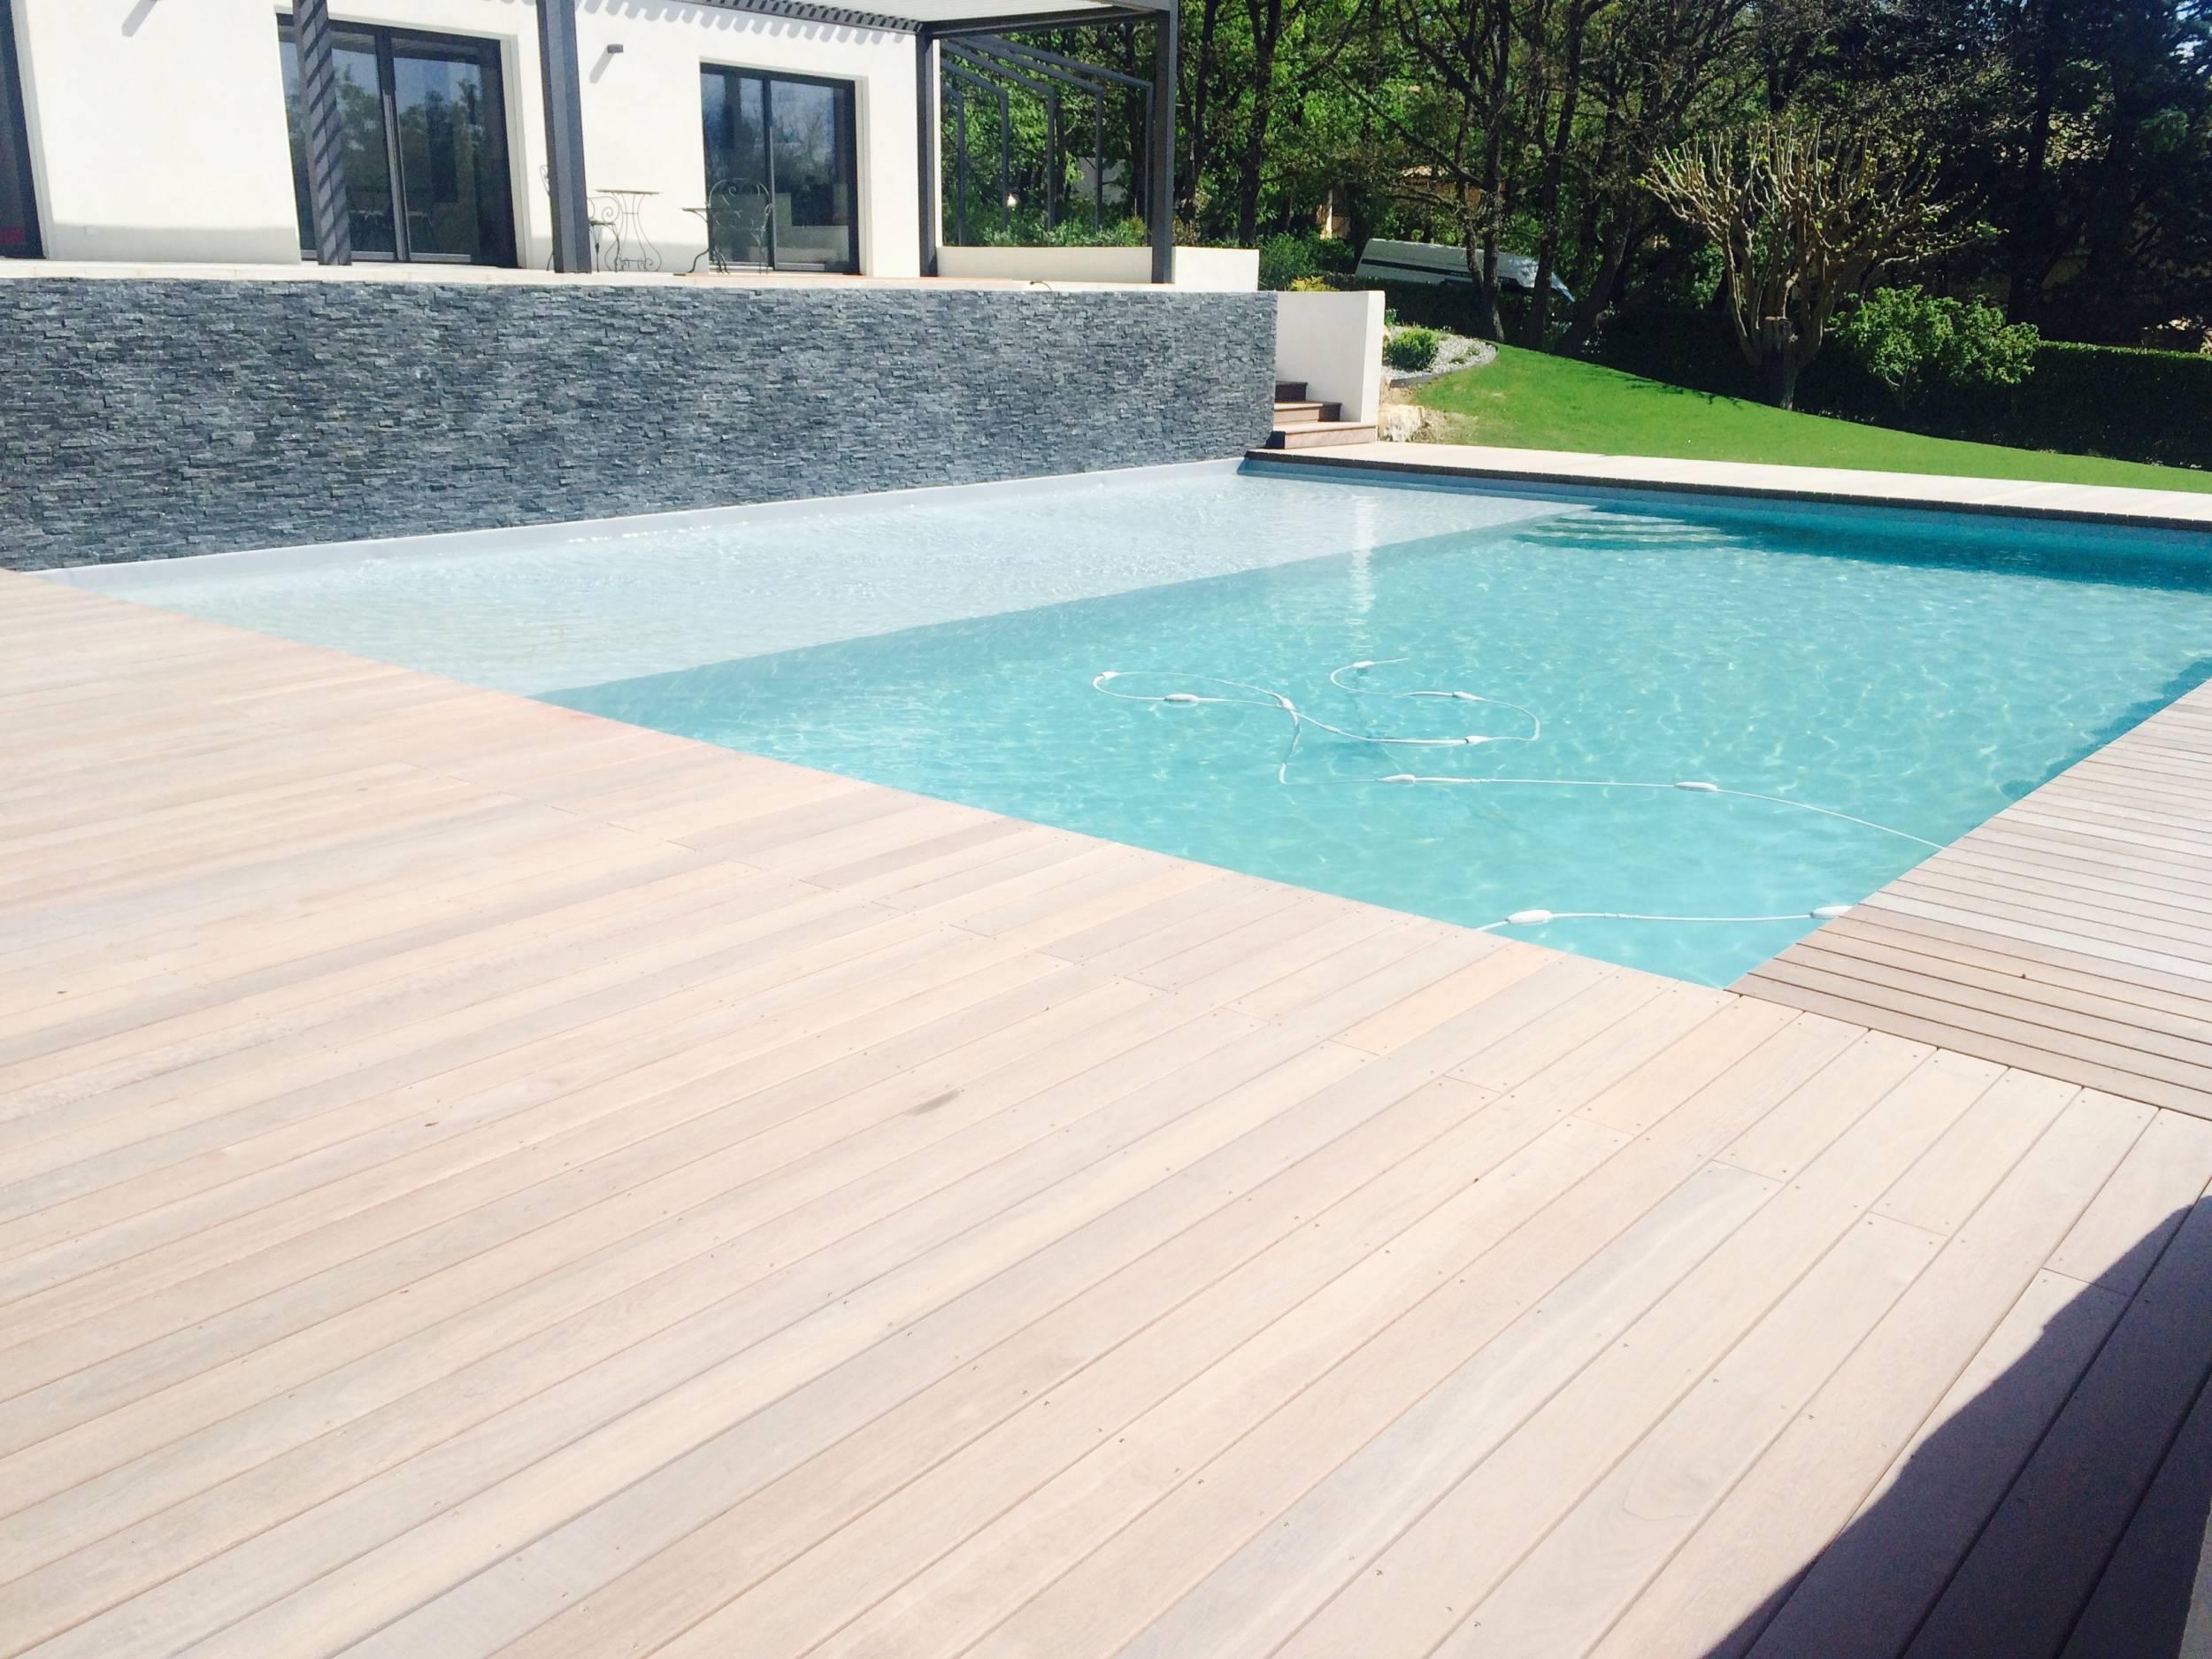 Plage bois exotique pour piscine eguilles am nagement de - Amenagement piscine bois aixen provence ...